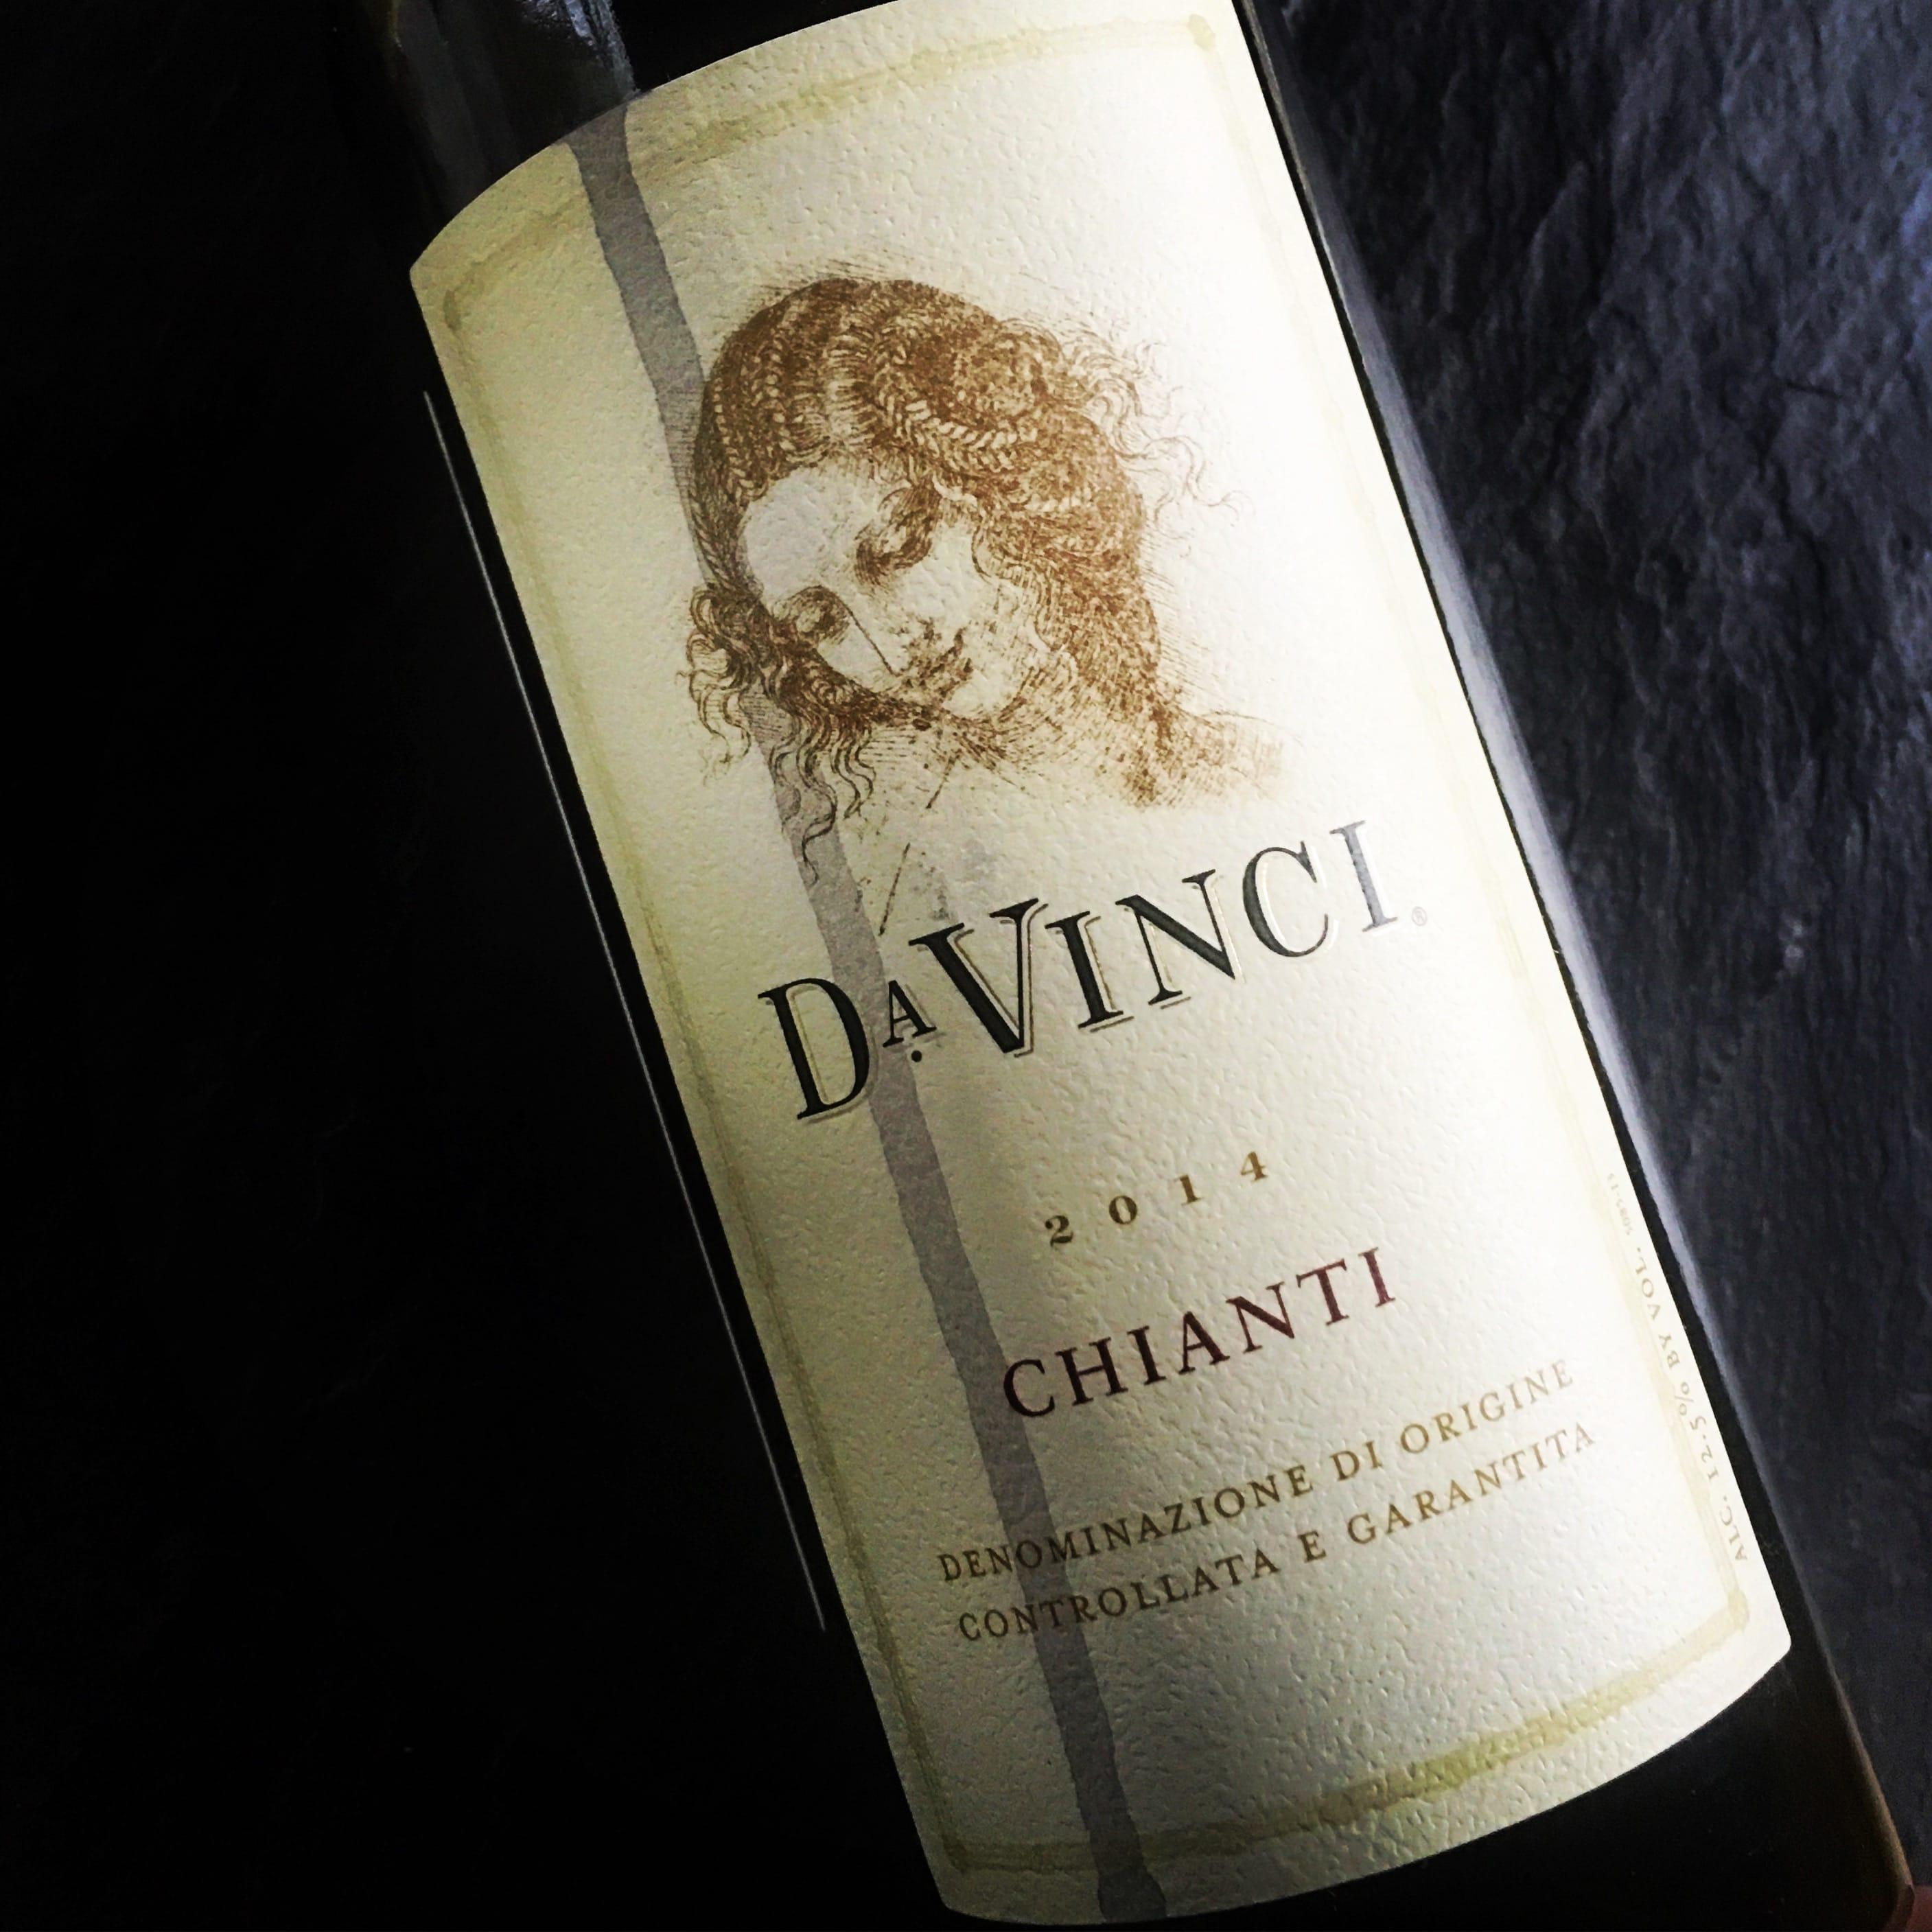 Da Vinci Chianti 2014